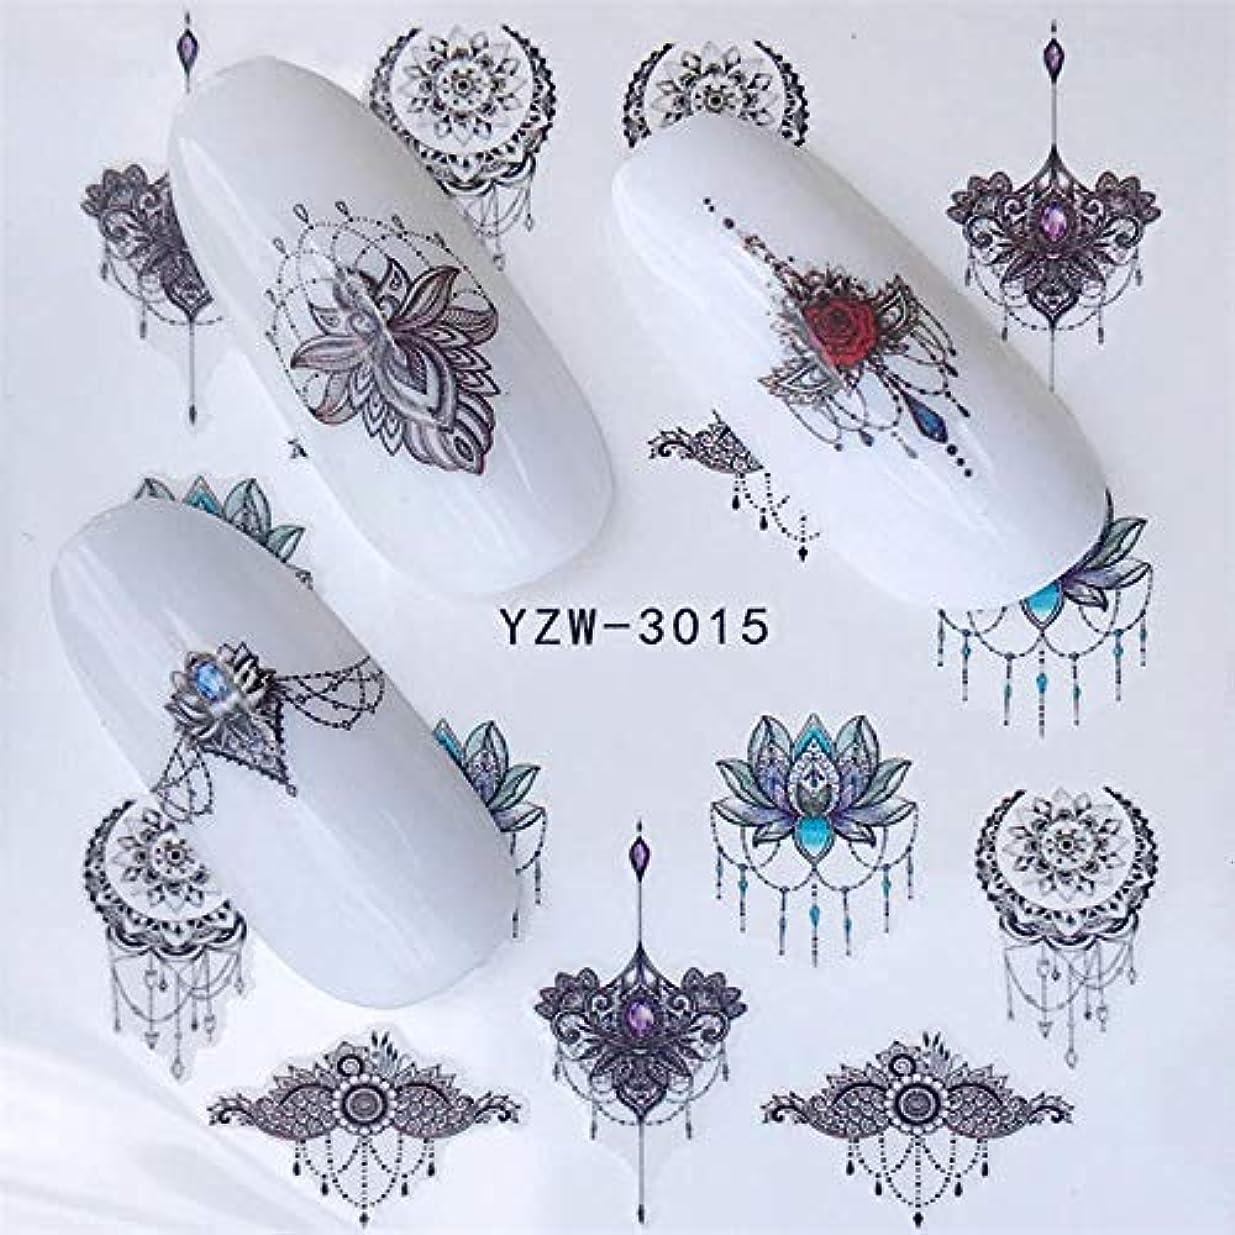 ハイライトペデスタル理論的SUKTI&XIAO ネイルステッカー 10枚の水デカールネイルアートネイルステッカースライダーケーキネガティブスペースフラワーカラフルなヒントDiyネイルデカール装飾、Yzw-3015